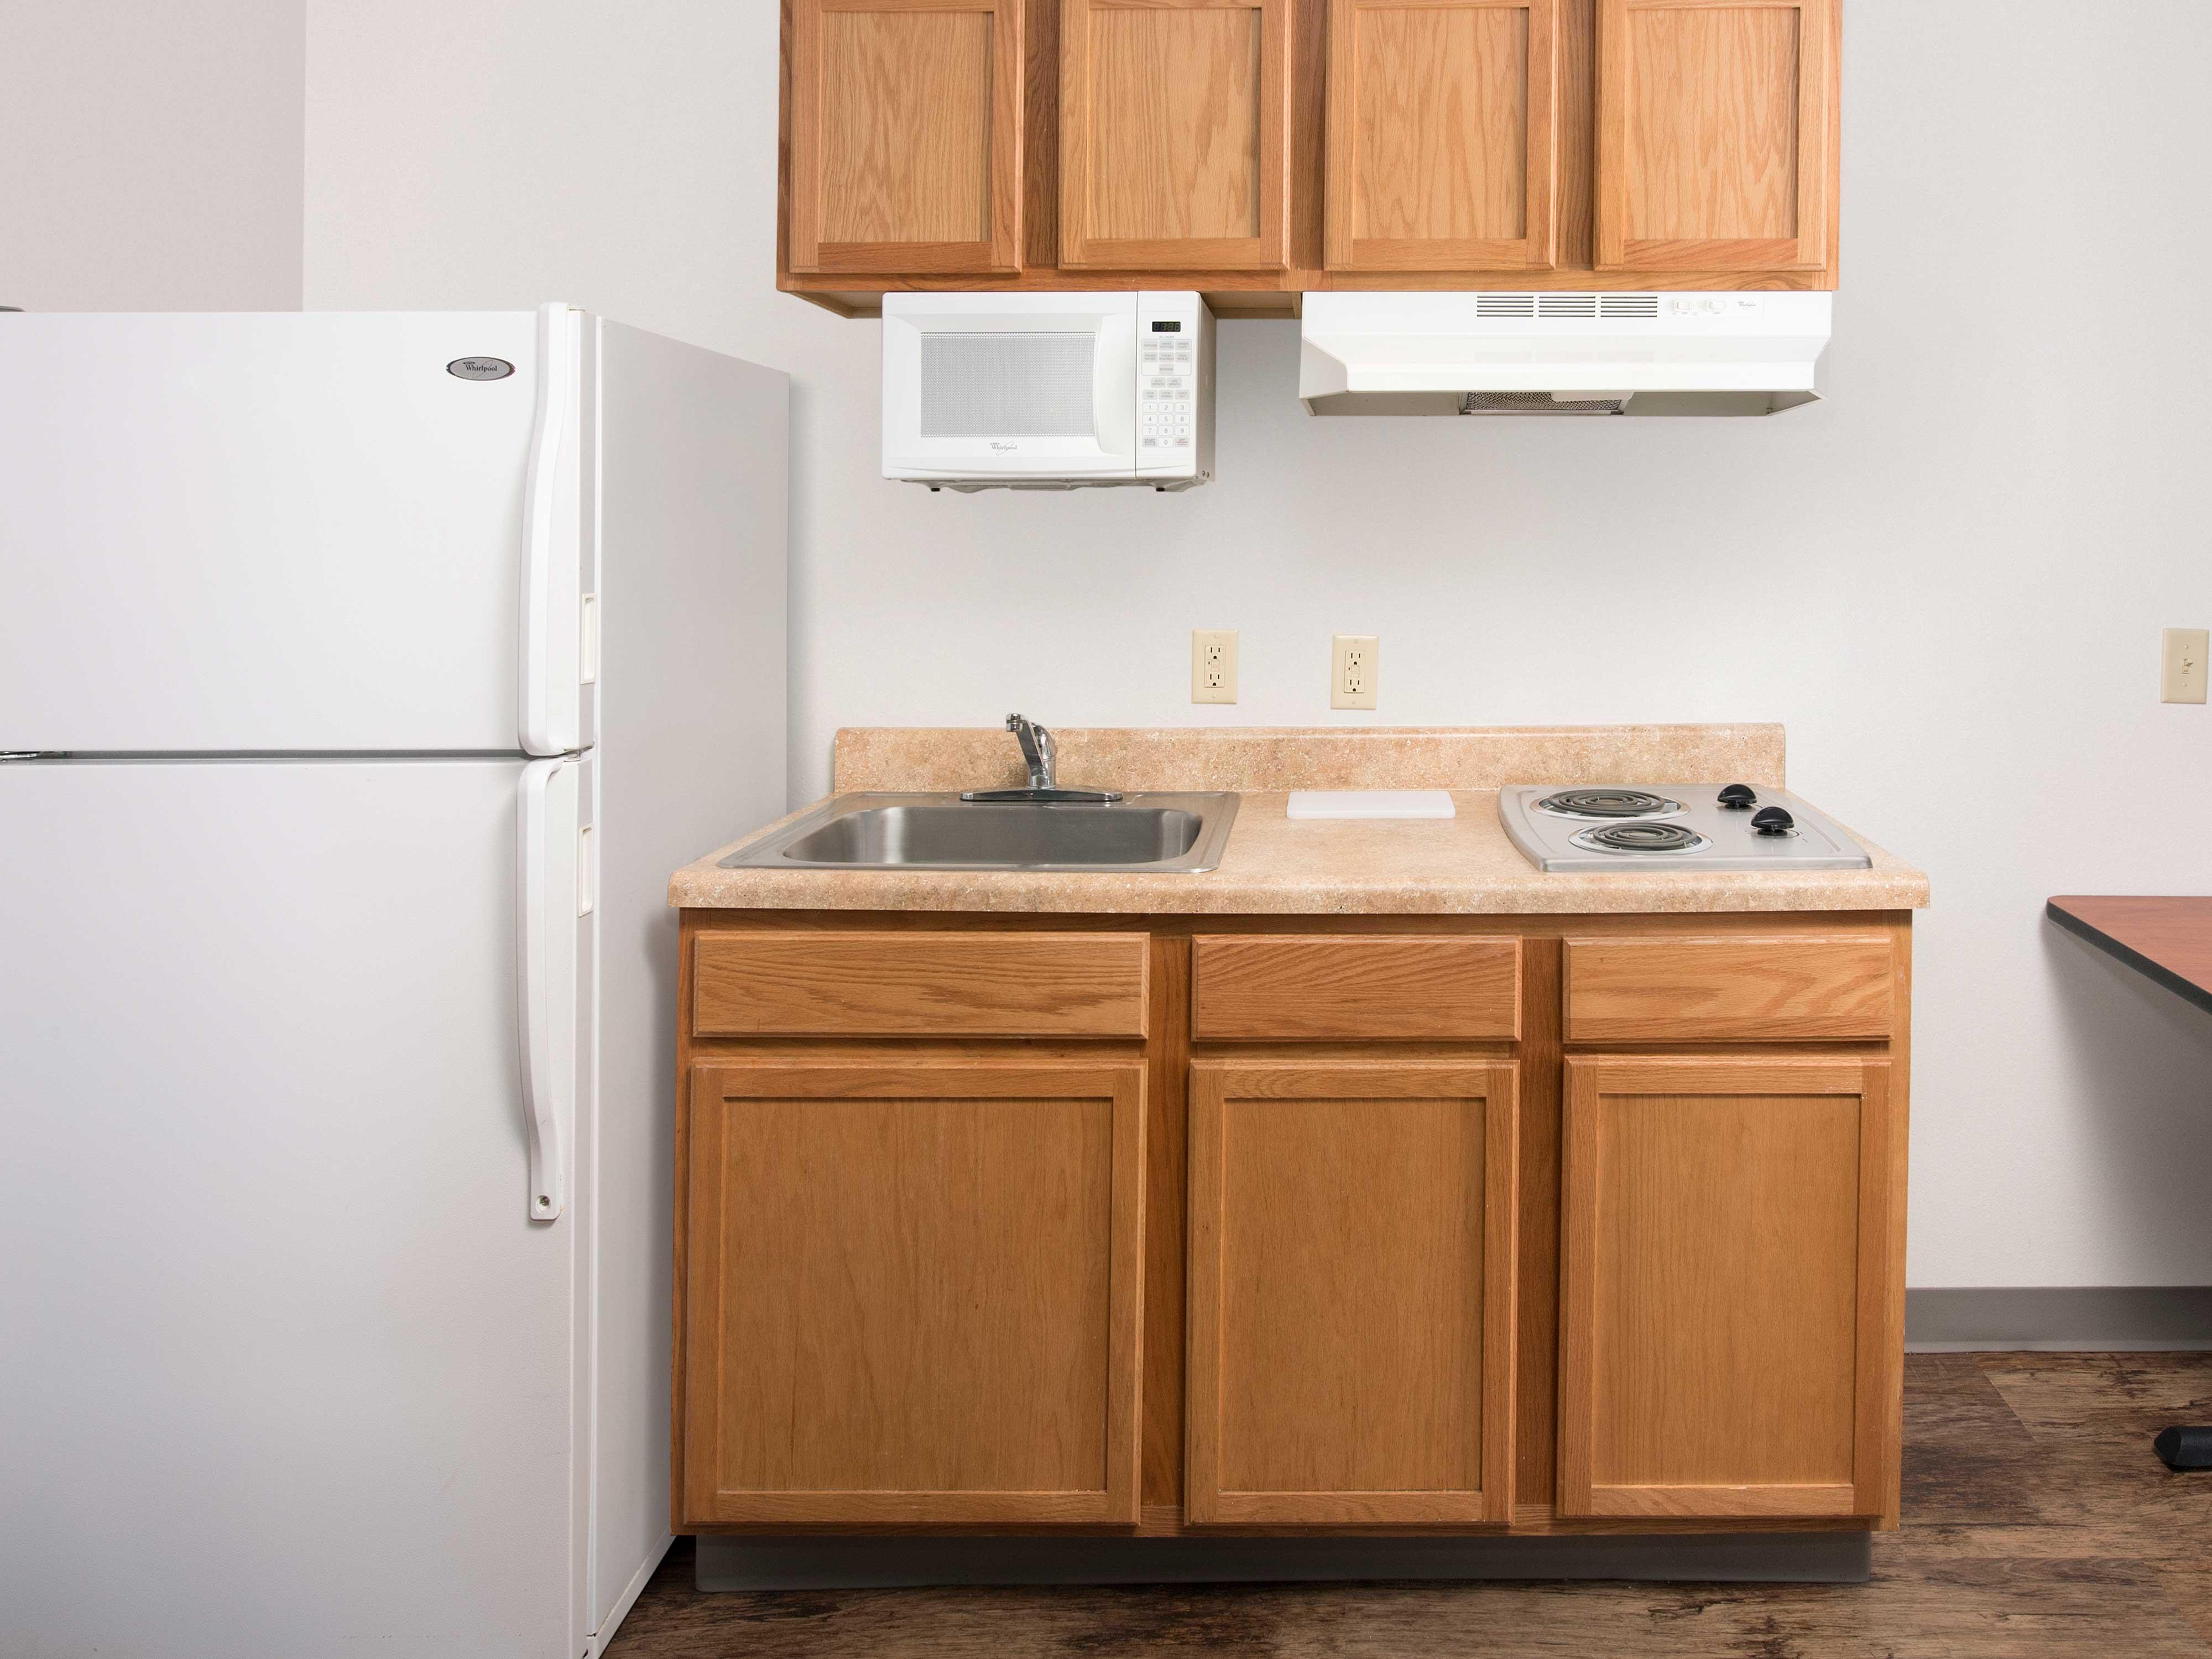 WoodSpring Suites Kalamazoo image 5